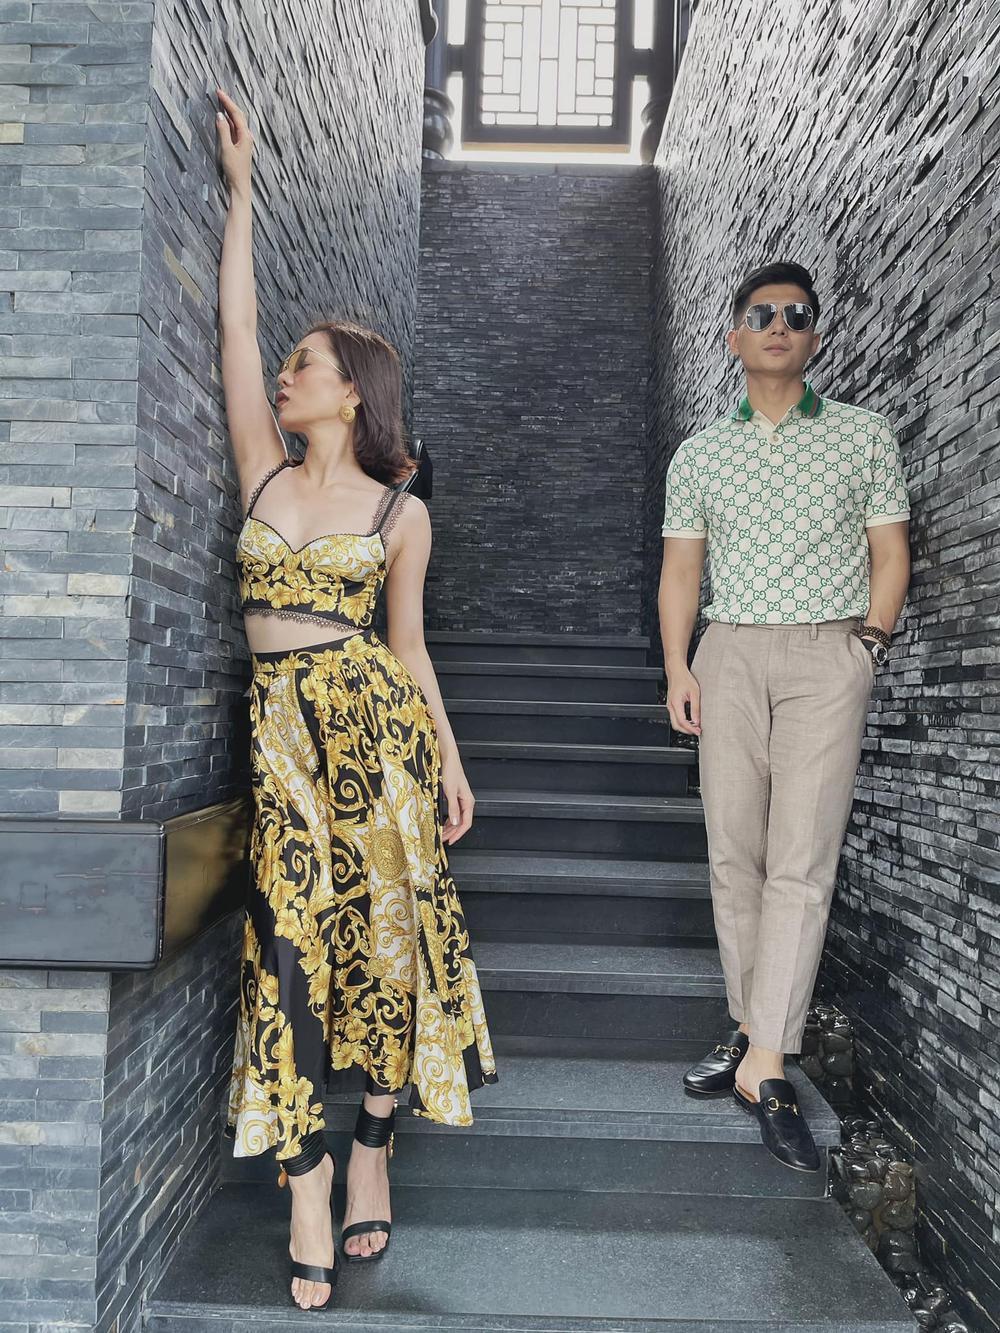 Lệ Quyên 'đụng độ' em chồng Hà Tăng với váy áo họa tiết sặc sỡ, khó phân bì ai đẹp hơn Ảnh 2